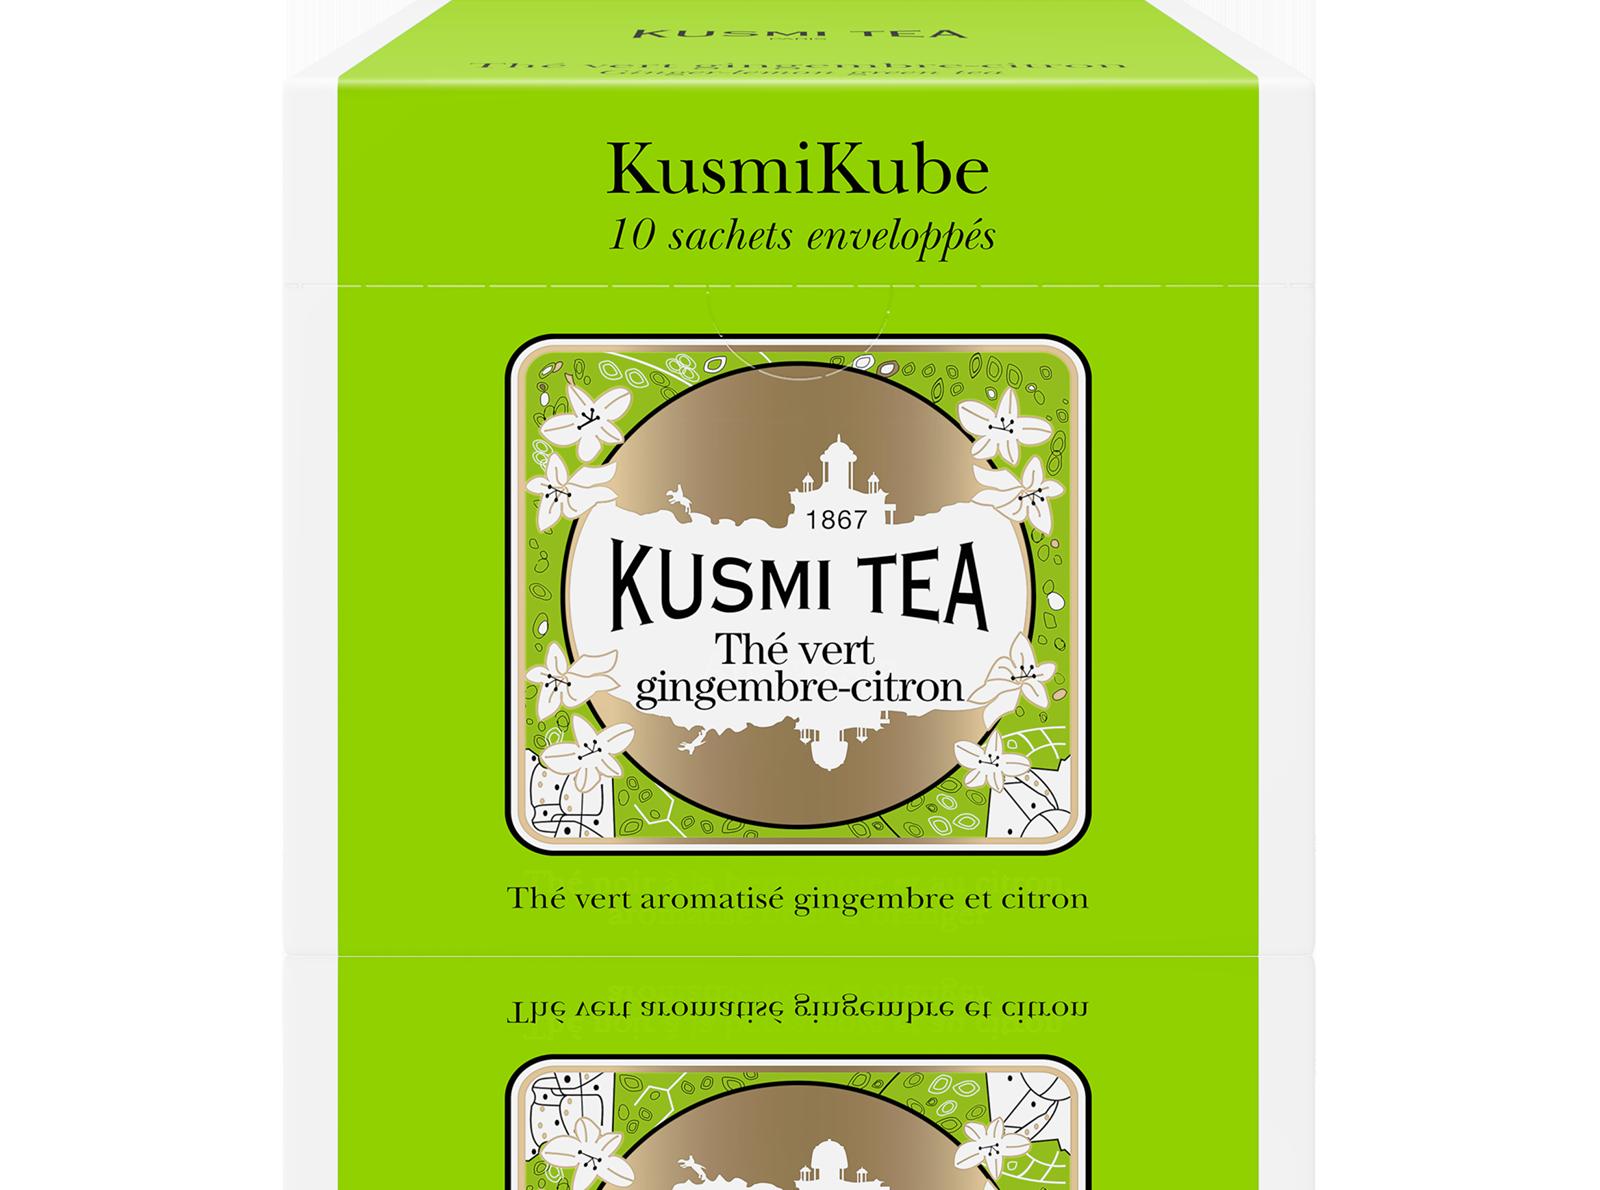 Thé vert Sachet - Thé vert saveur gingembre-citron - Kusmi Tea